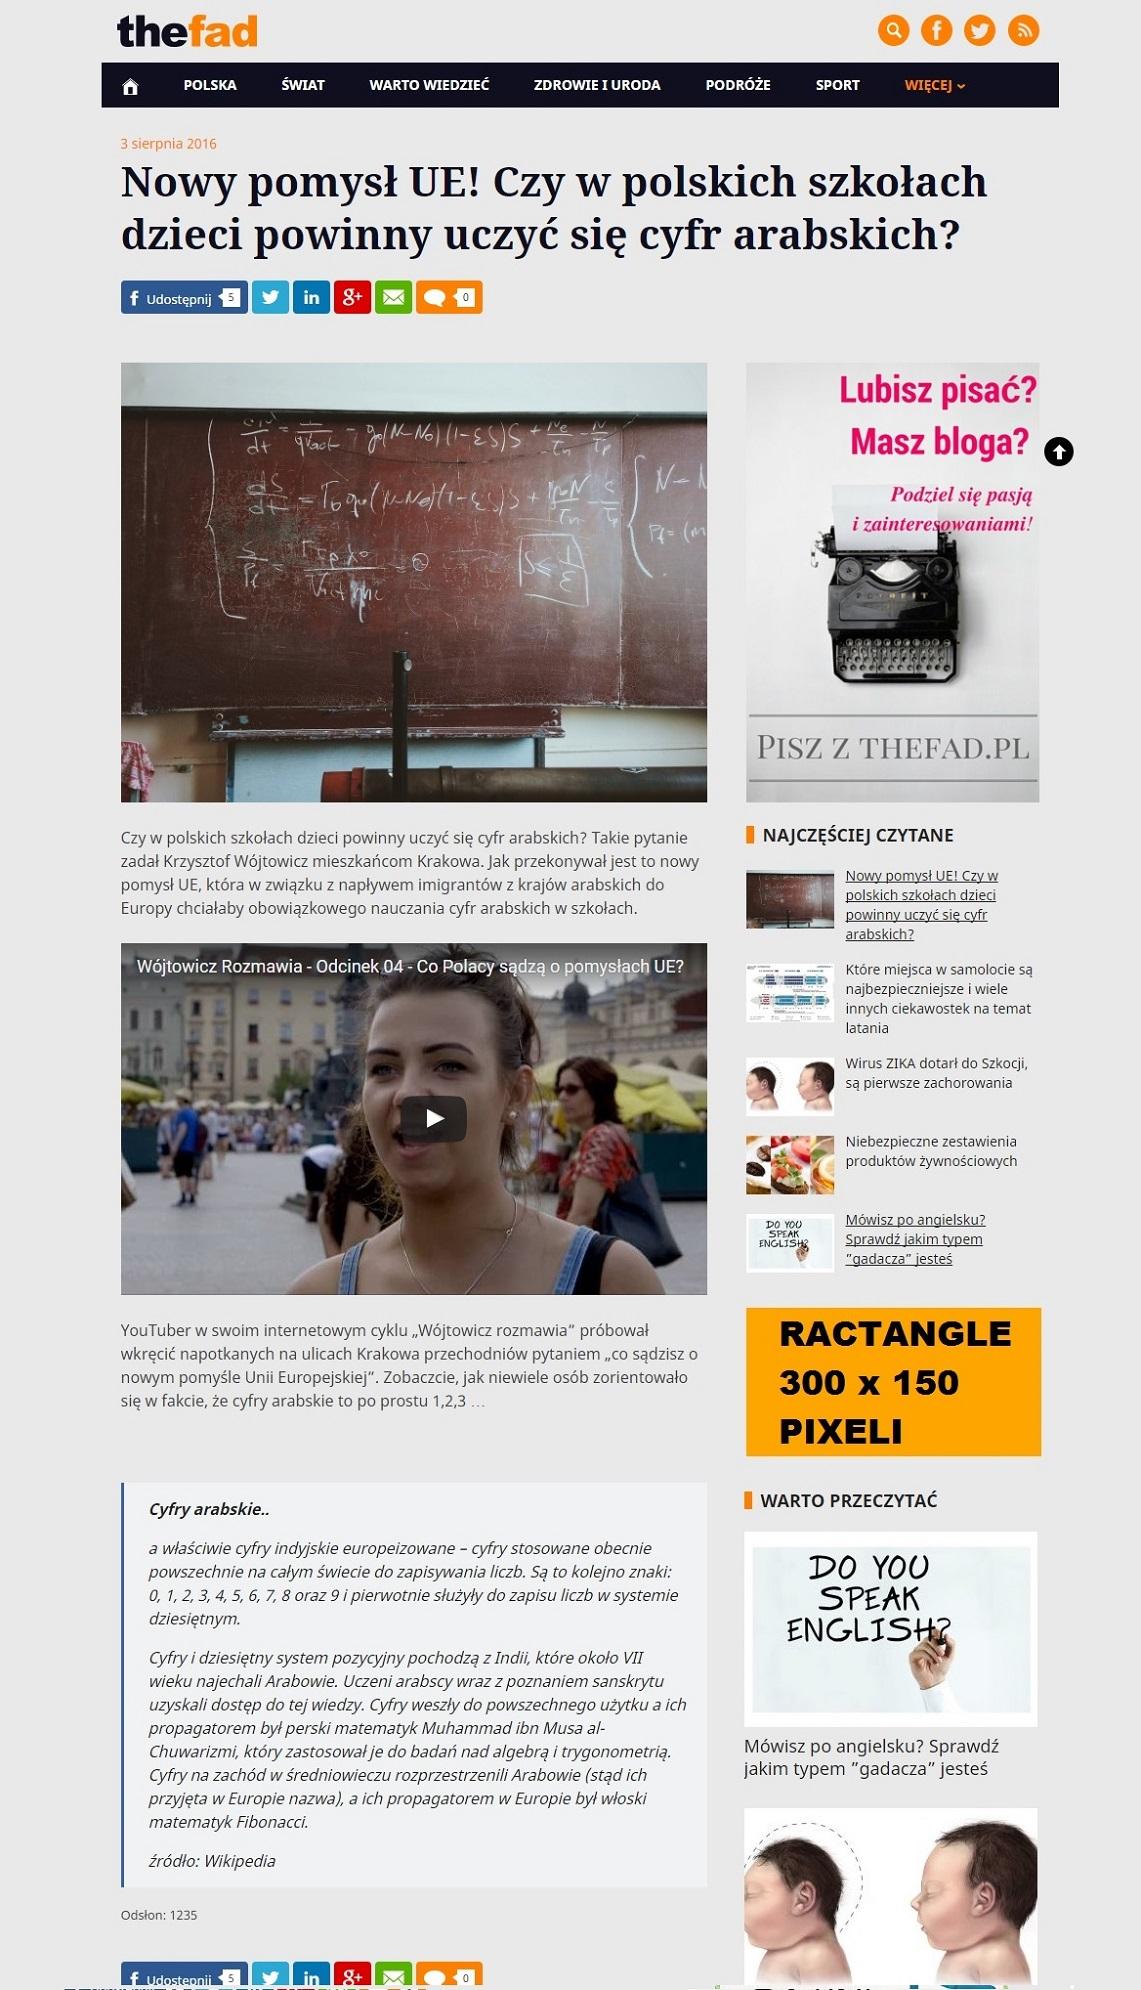 Biuro reklamy TheFad.pl: Wizualizacja reklam, banery 300x150